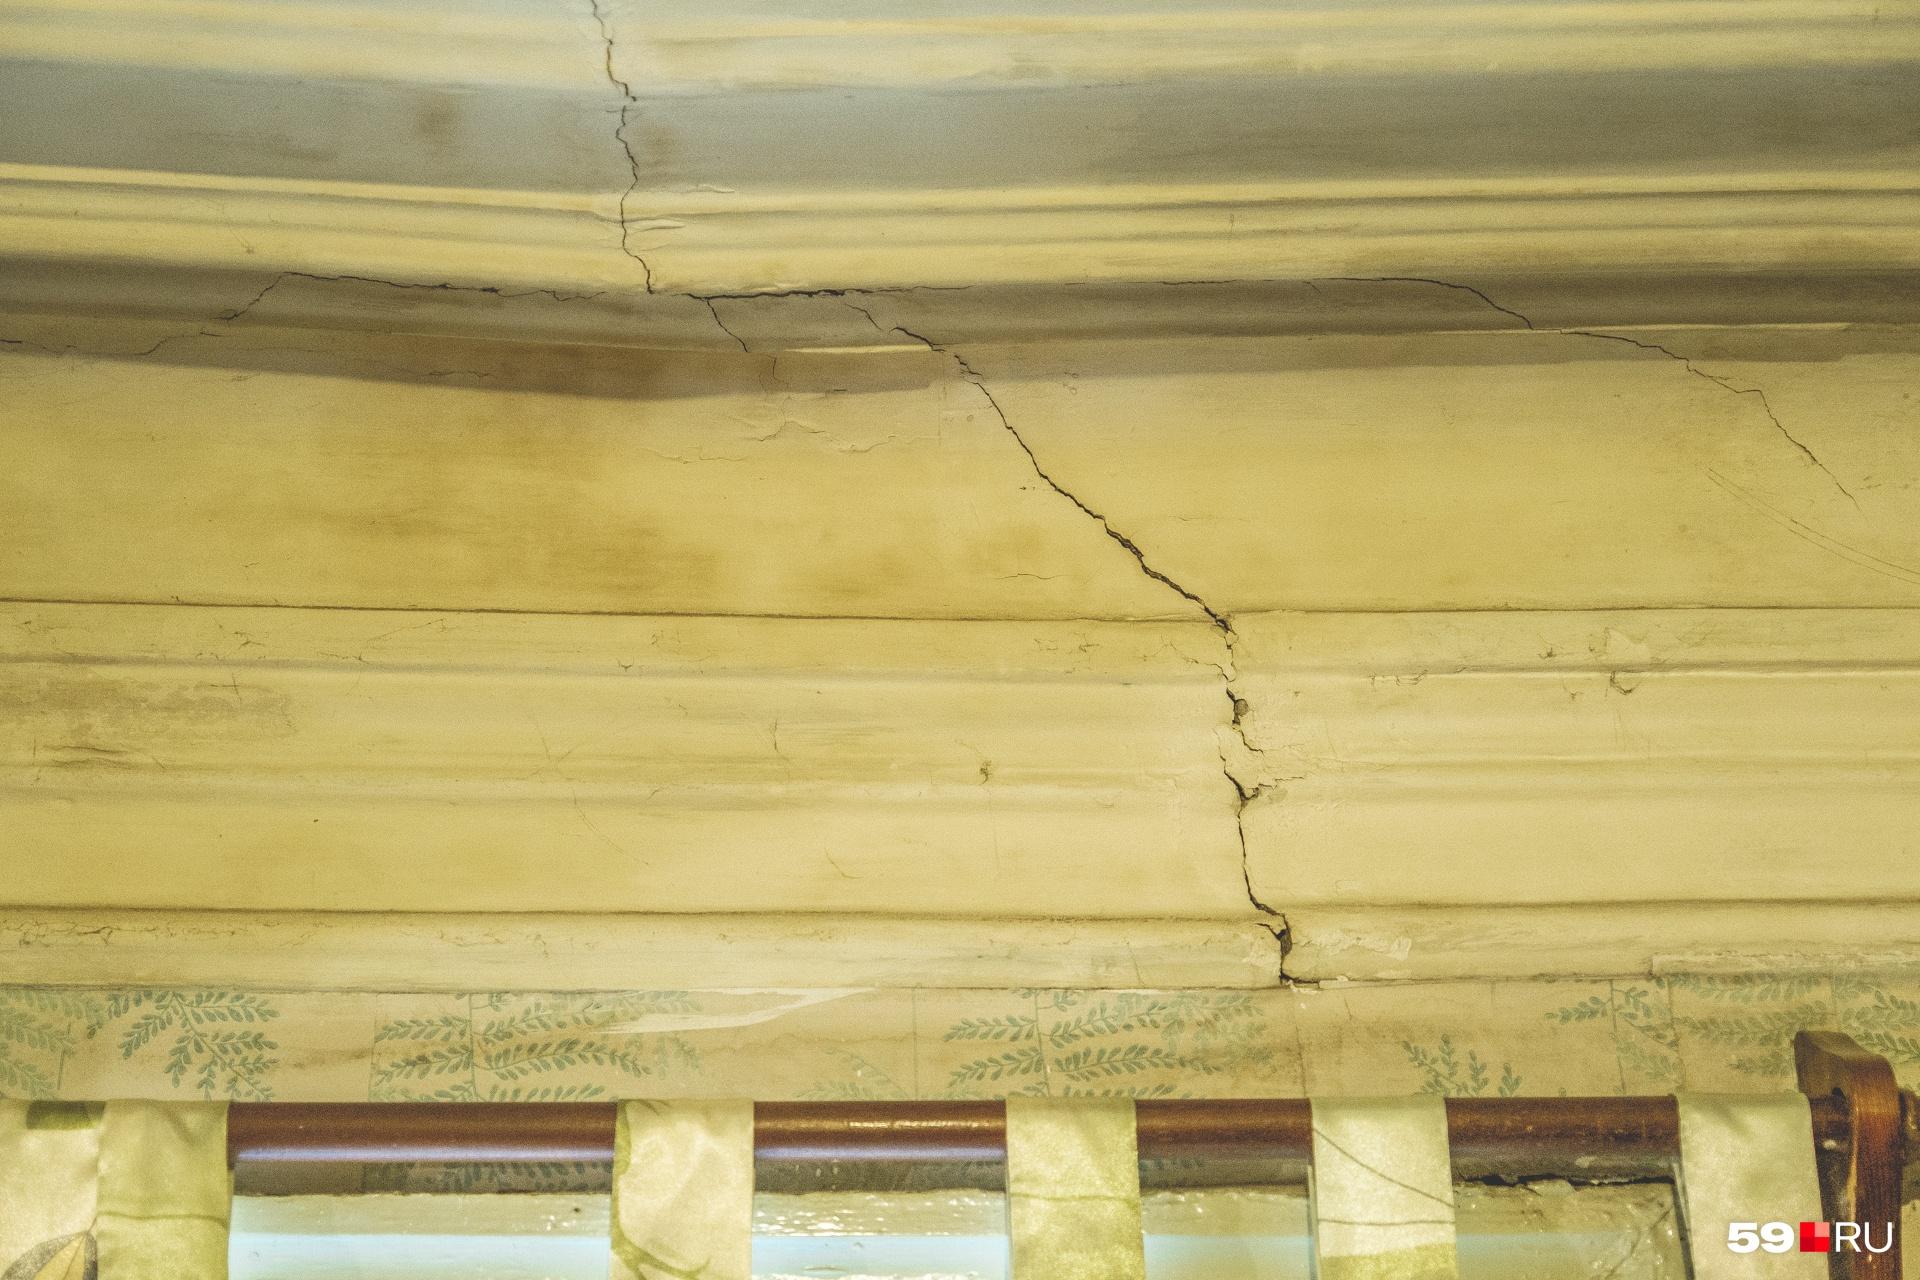 Дом построили еще в 1917 году, на потолке и стенах пошли трещины